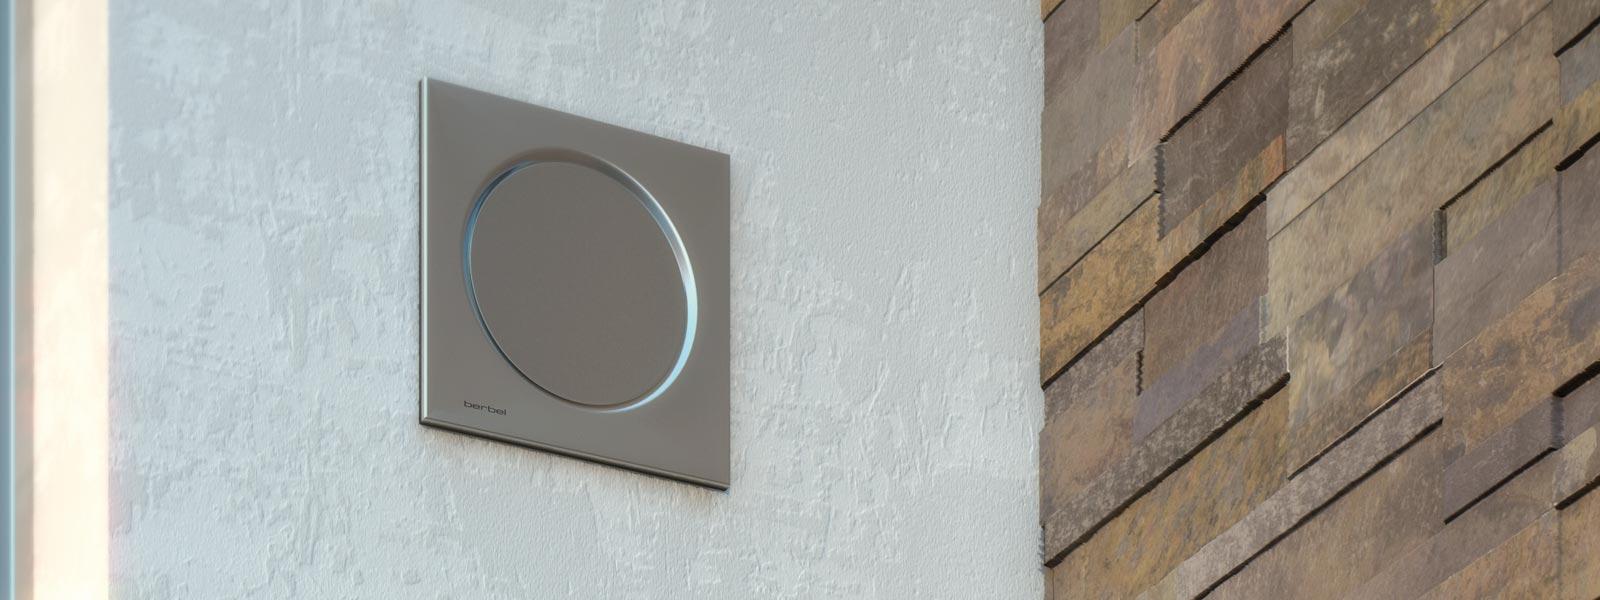 Single Pole AUX Schalter 50/C/ Thermostat Herd Ofen Thermostat /320/C Sensor 3/mm x 160/mm kapillarl/änge 1430/mm Ego 55.13664.060/wird weitere Informationen Folgen 55.13664.060/Blue Seal